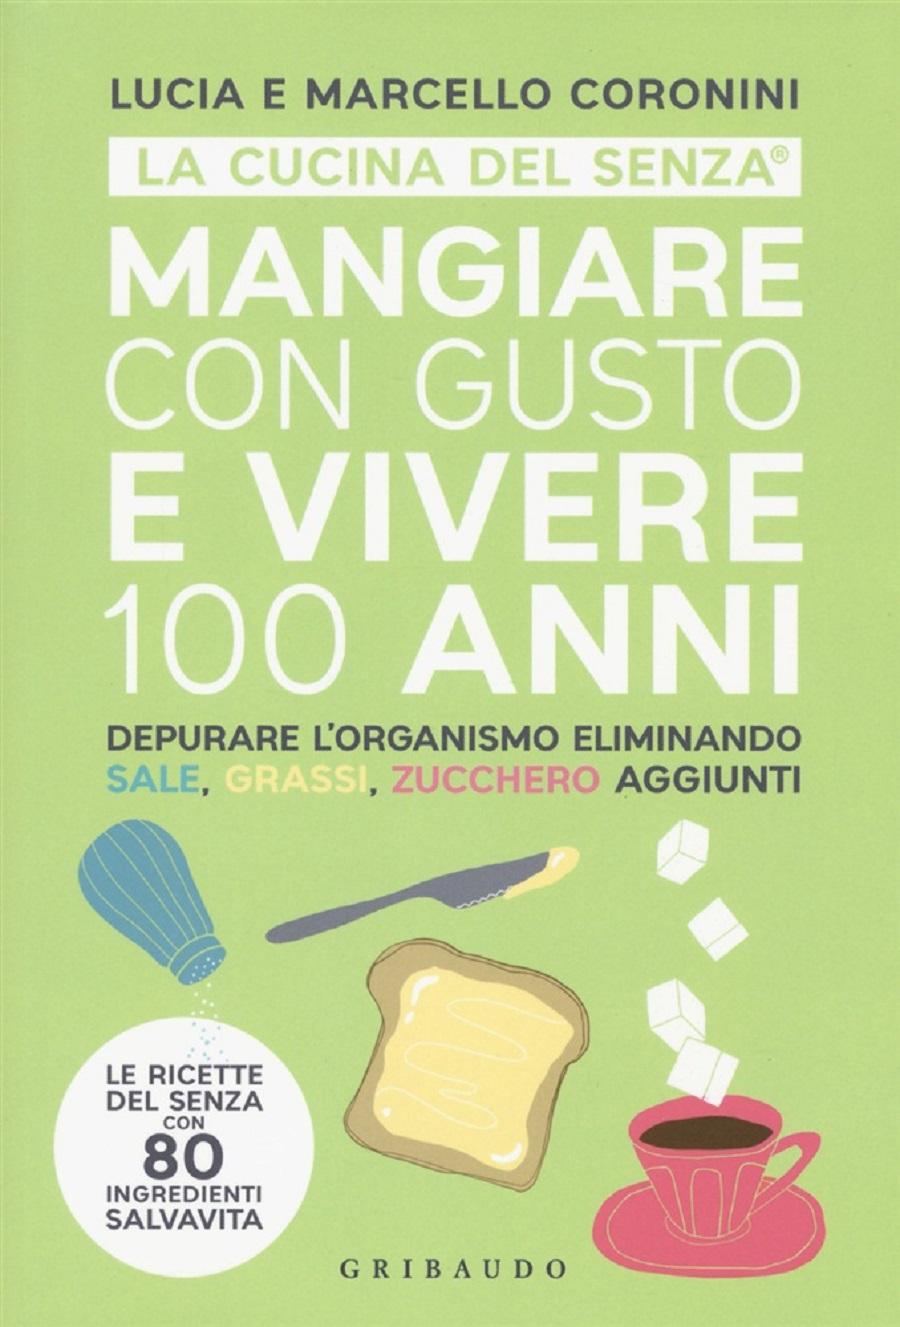 Mangiare con gusto e vivere 100 anni, Lucia e Marcello Coronini